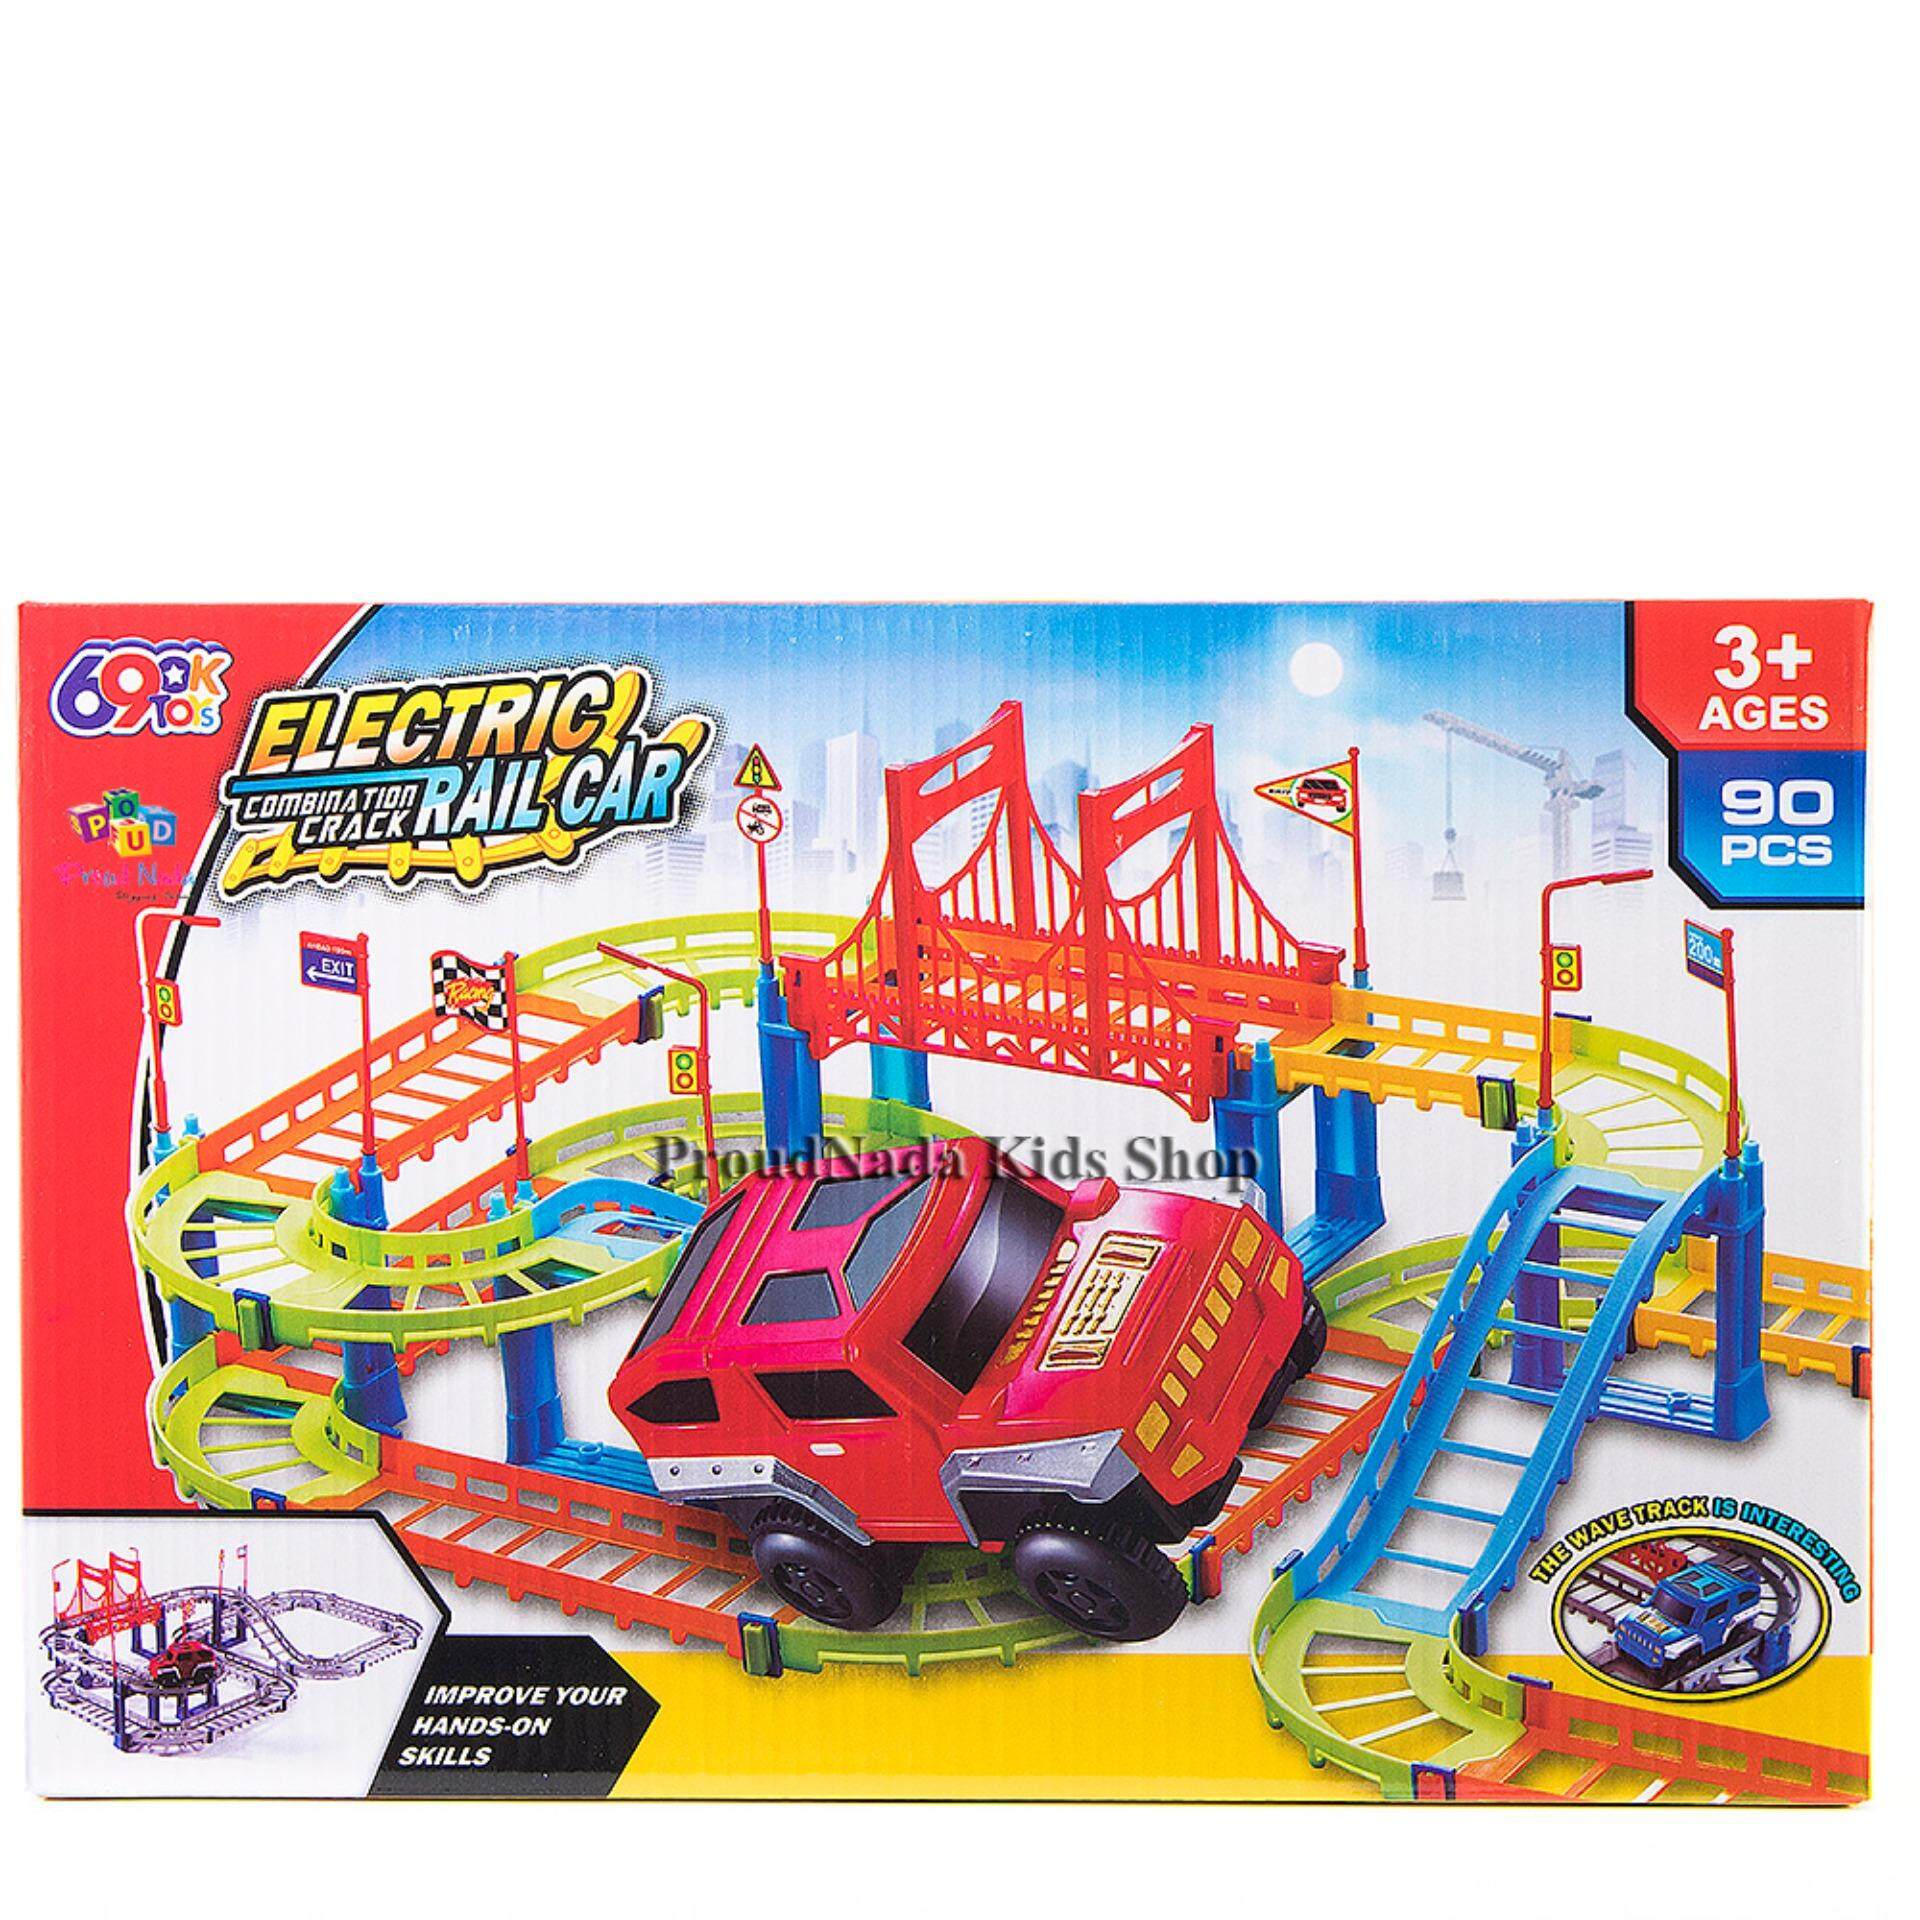 โปรโมชั่น Proudnada Toys ของเล่นเด็กเซตรถราง Electric Combination Cr*ck Rail Car No 1049 Proudnada Toys